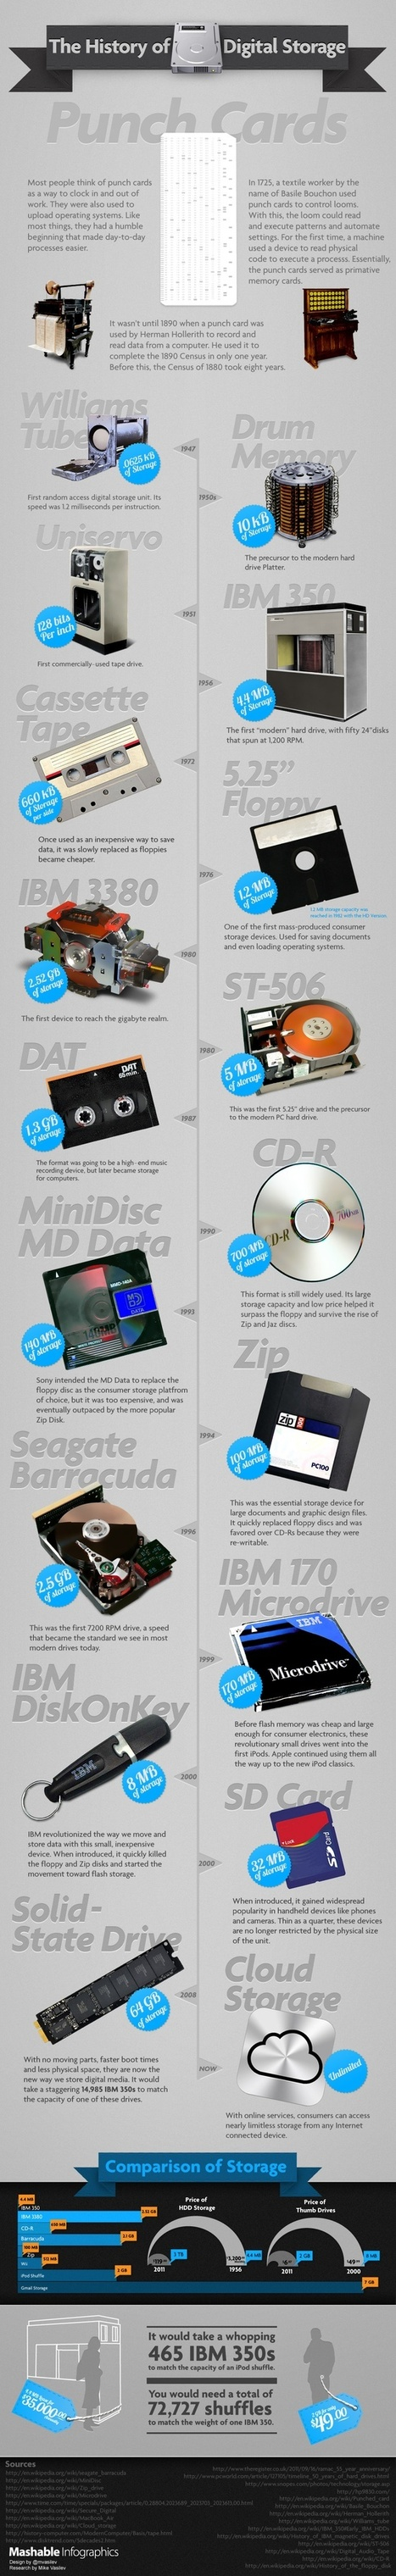 The History of Digital Storage   Southern Hemisphere   Scoop.it